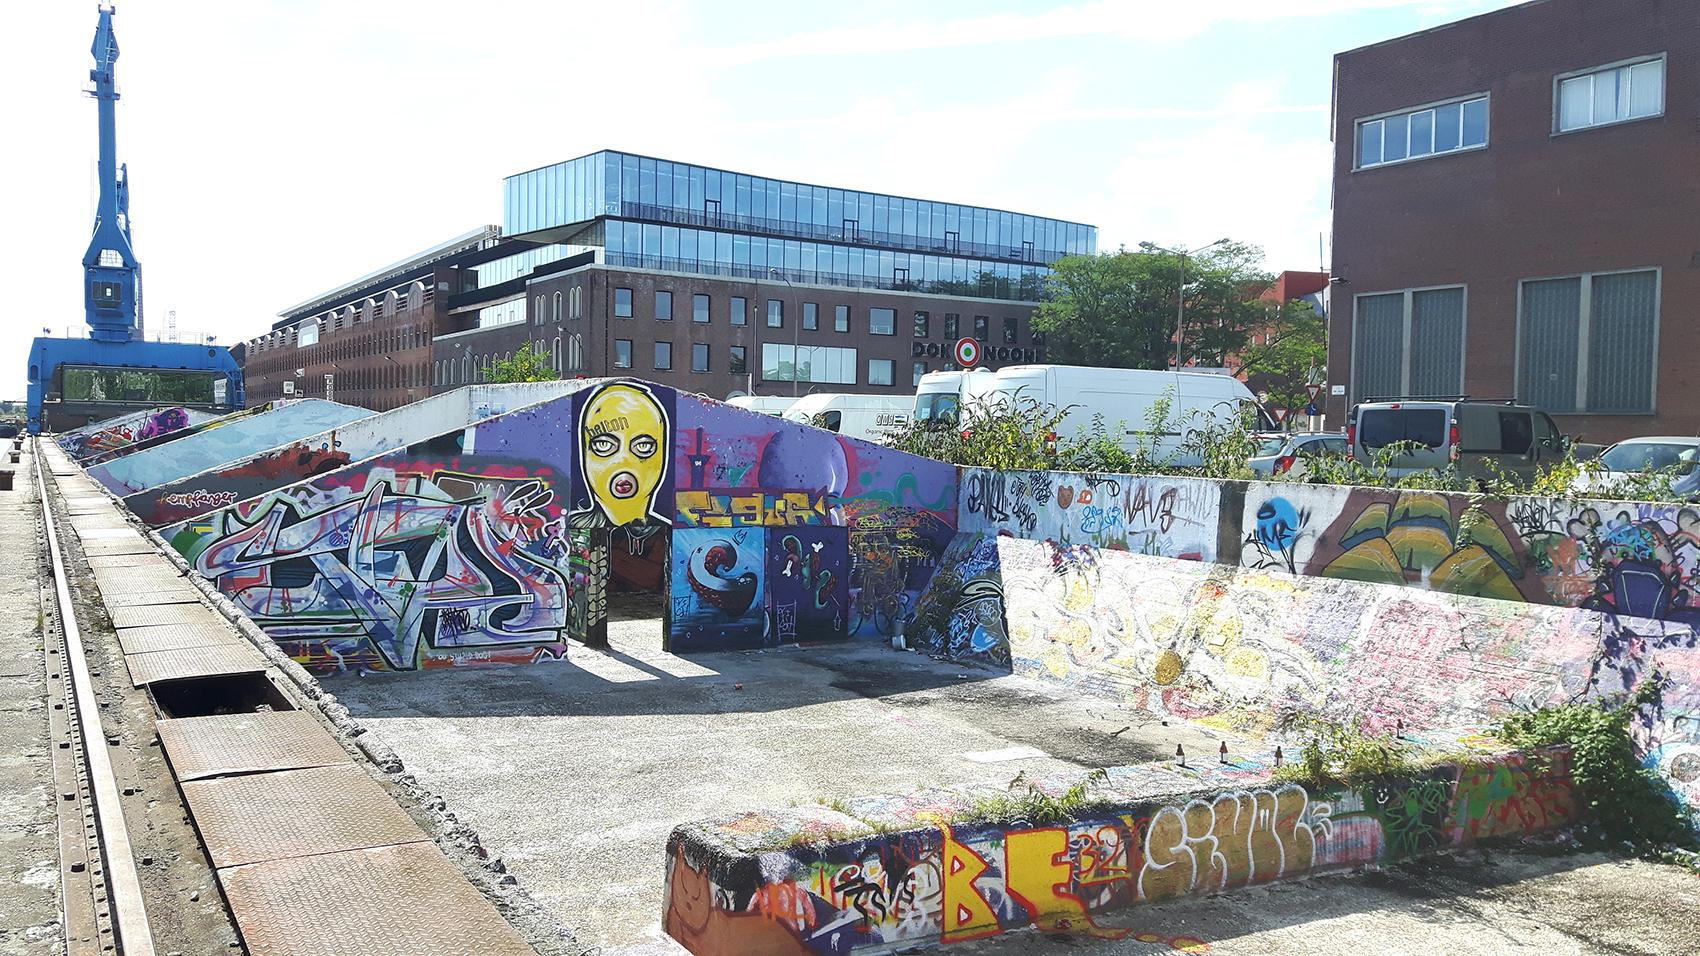 gent-grindbakken-doknoord-graffiti-kraan